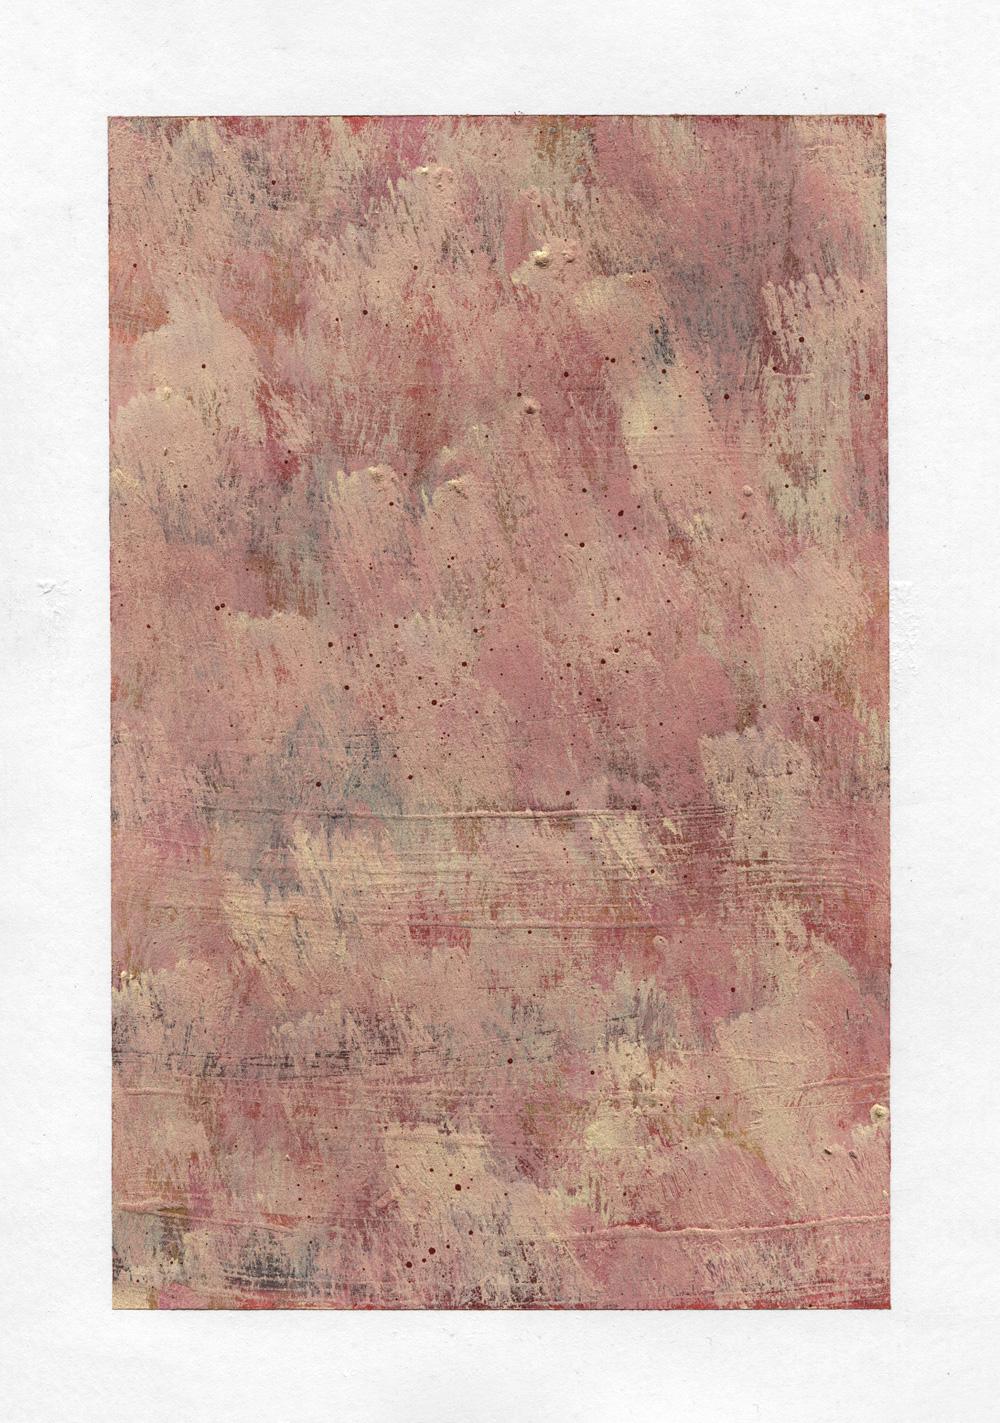 james-watkins-artist-22